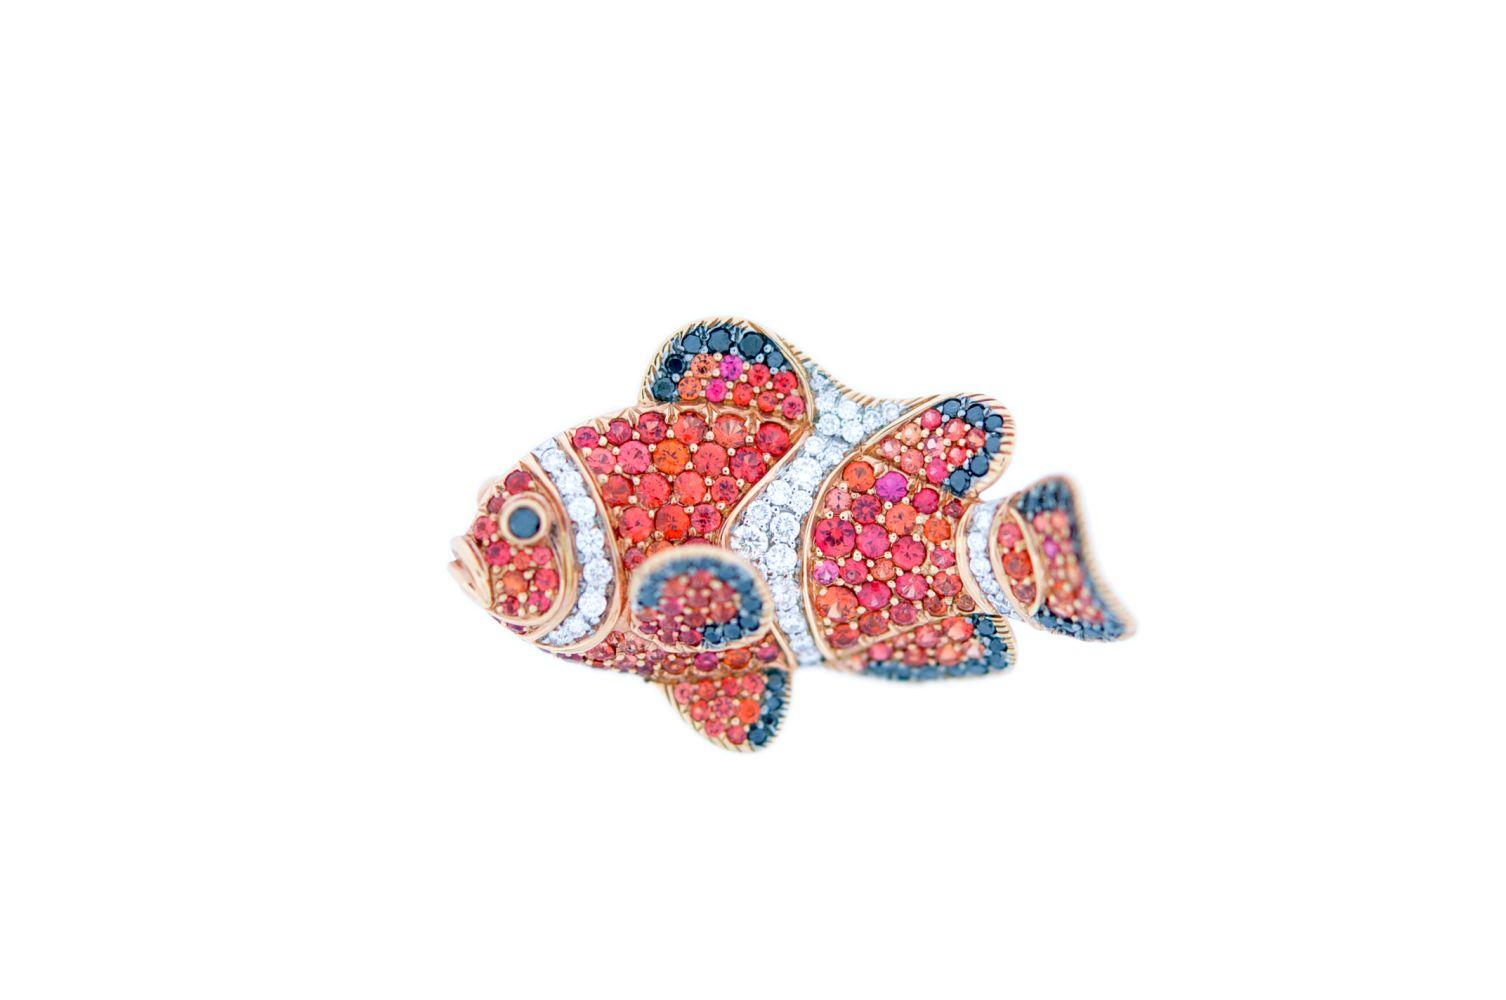 #22 Fish Brooch | Fisch-Brosche Image